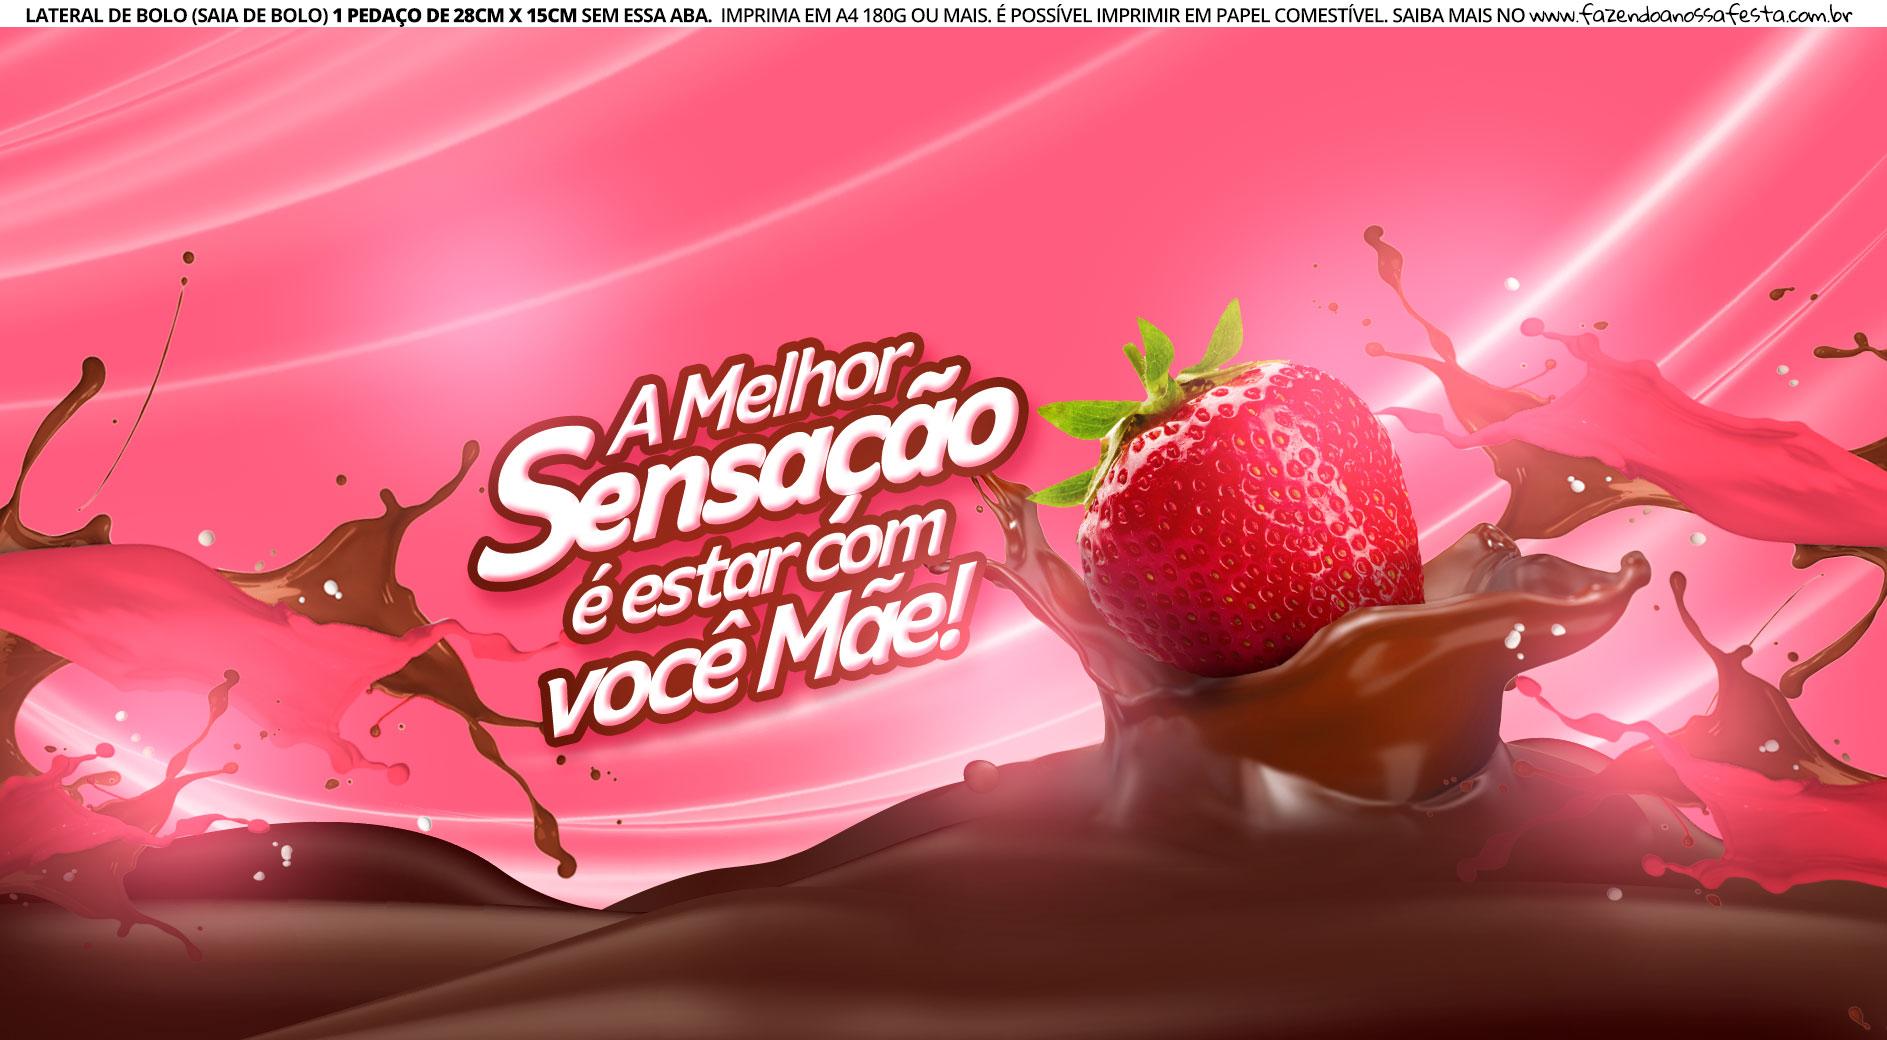 Faixa Lateral para Bolo Dia das Maes Sensacao